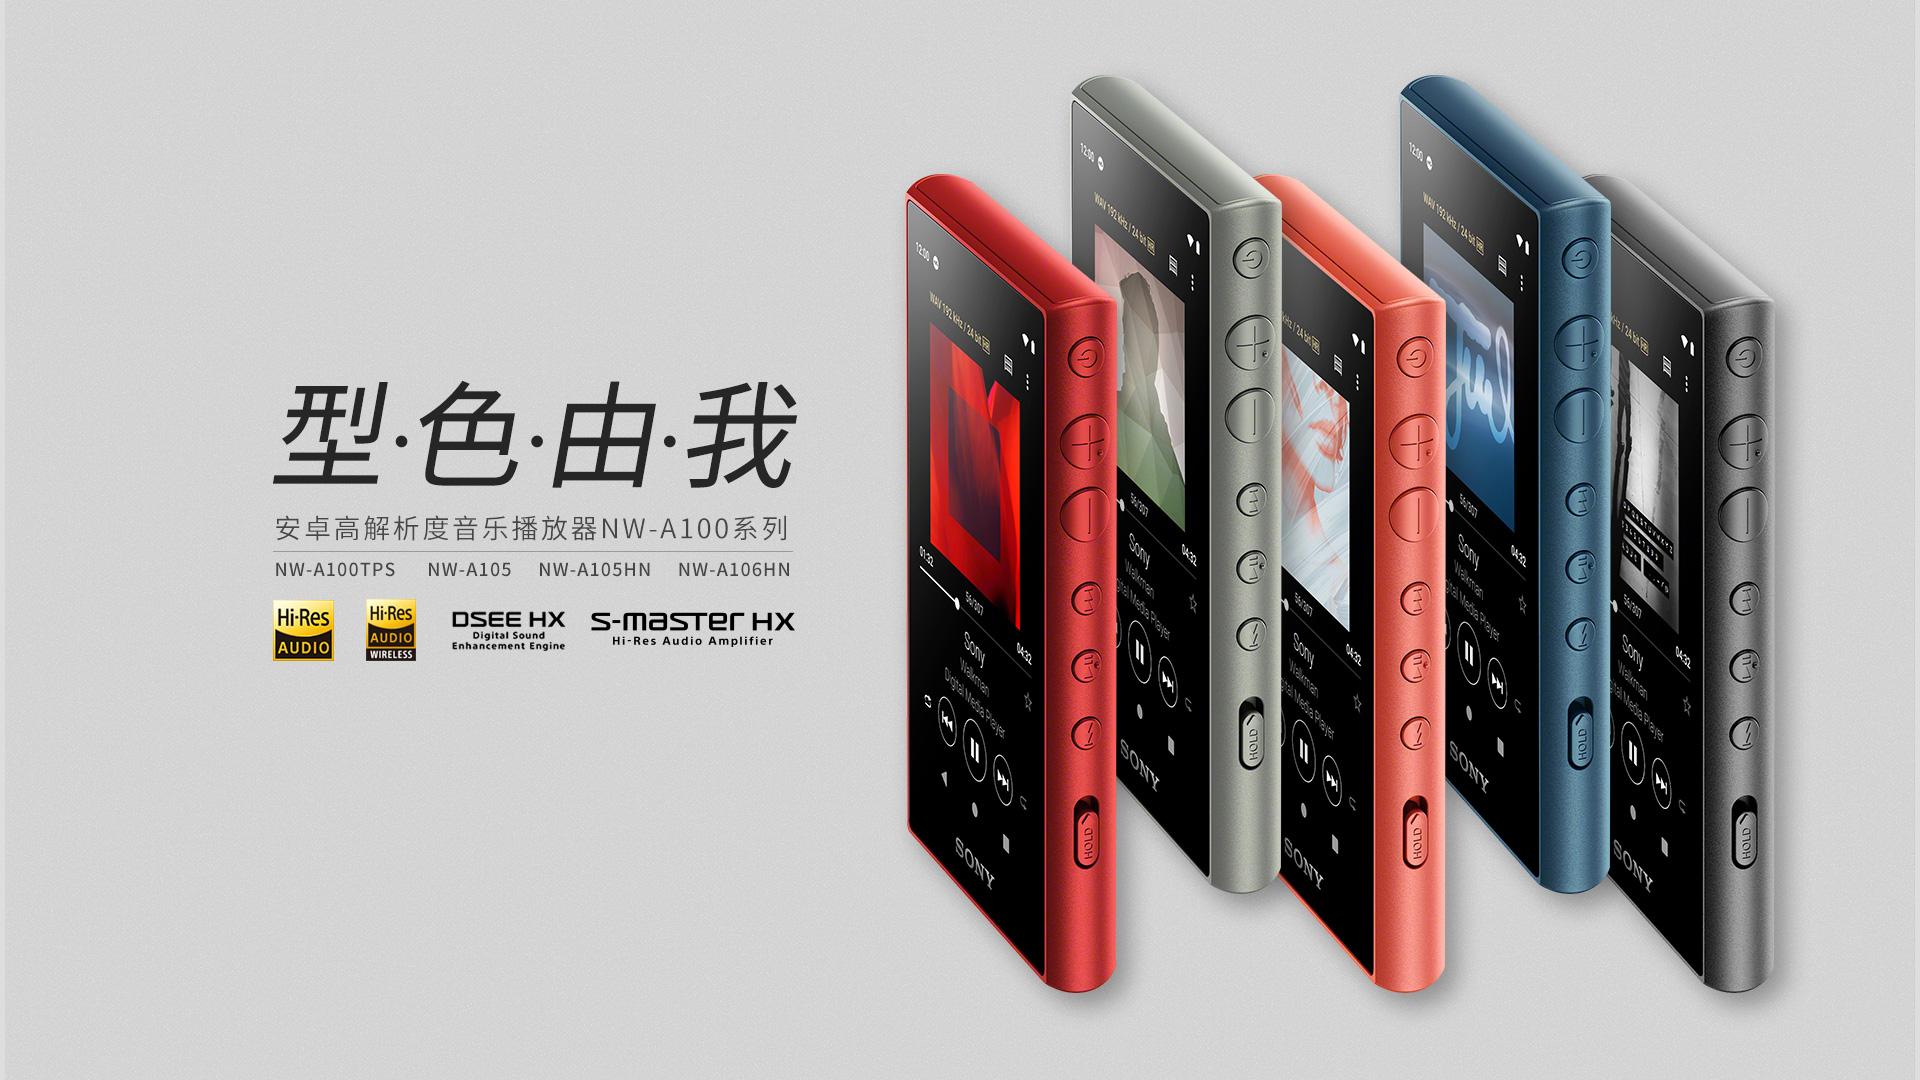 派早报:索尼发布Walkman40周年纪念款音乐播放器、坚果手机将于10月31日举行发布会、Google下架多款硬件产品等